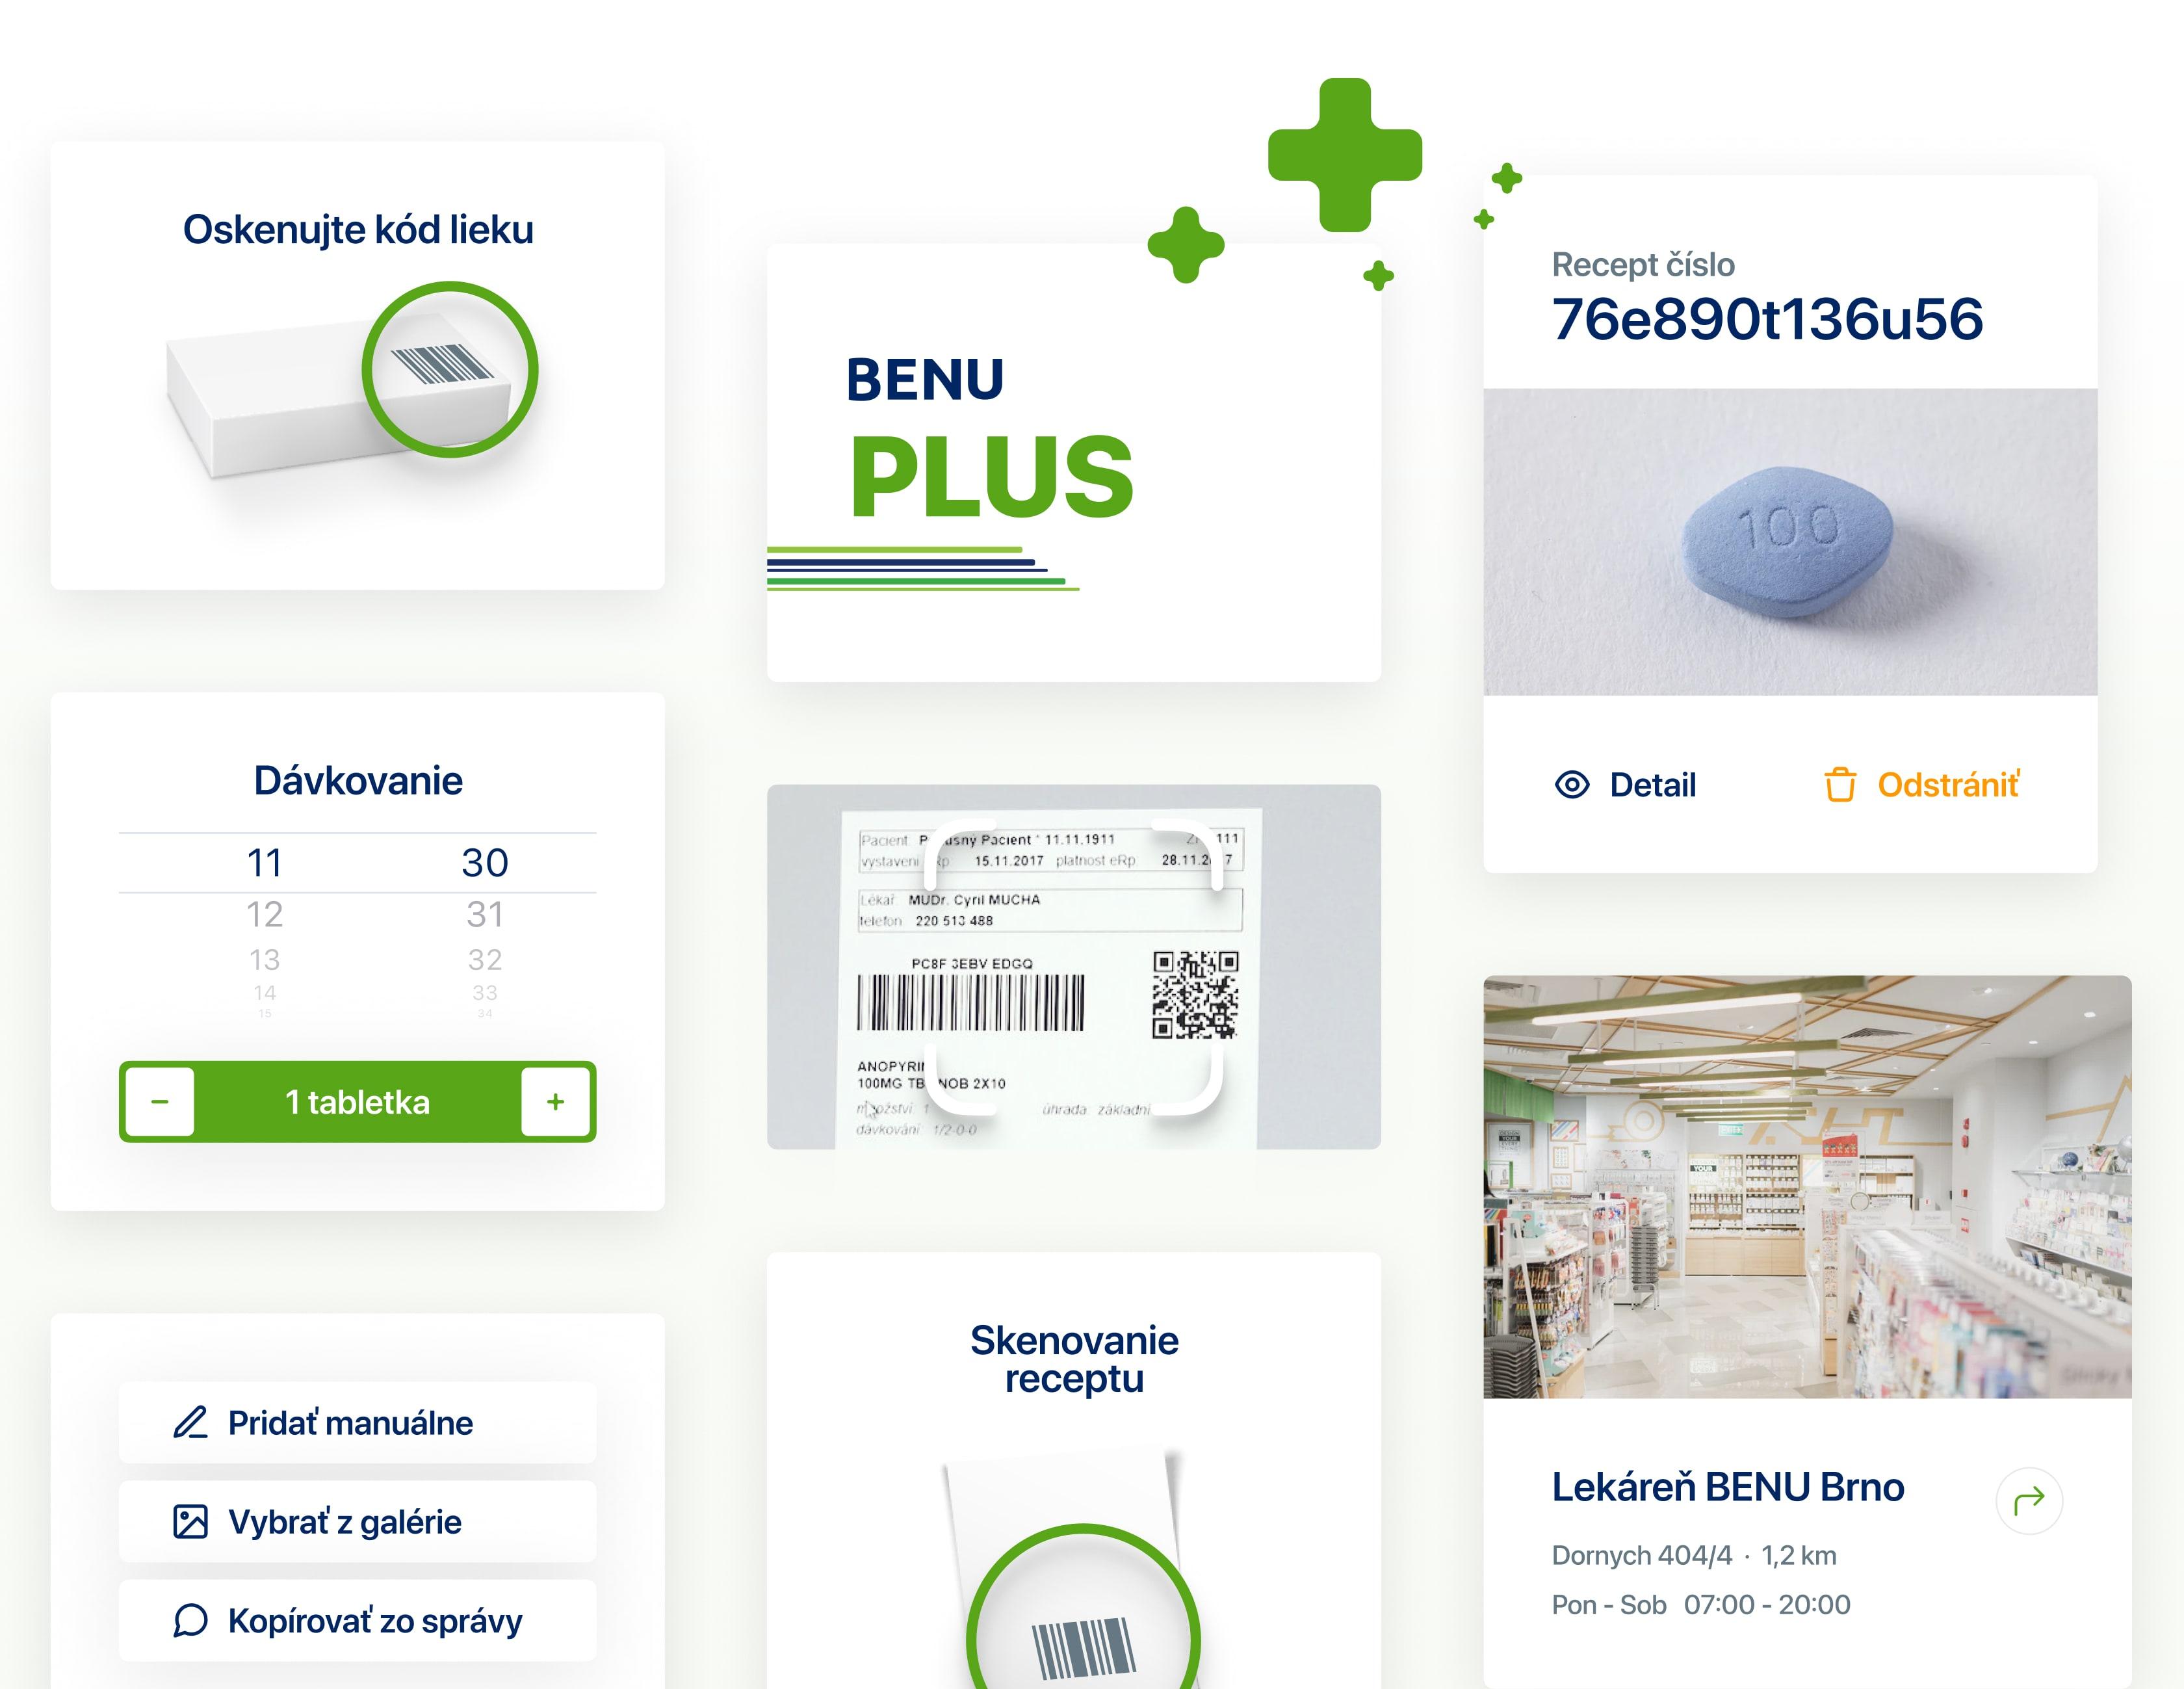 Dizajn natívnej mobilnej aplikácie so širokou škálou funkcií, ako dávkovanie, skenovanie receptu alebo kódu lieku.